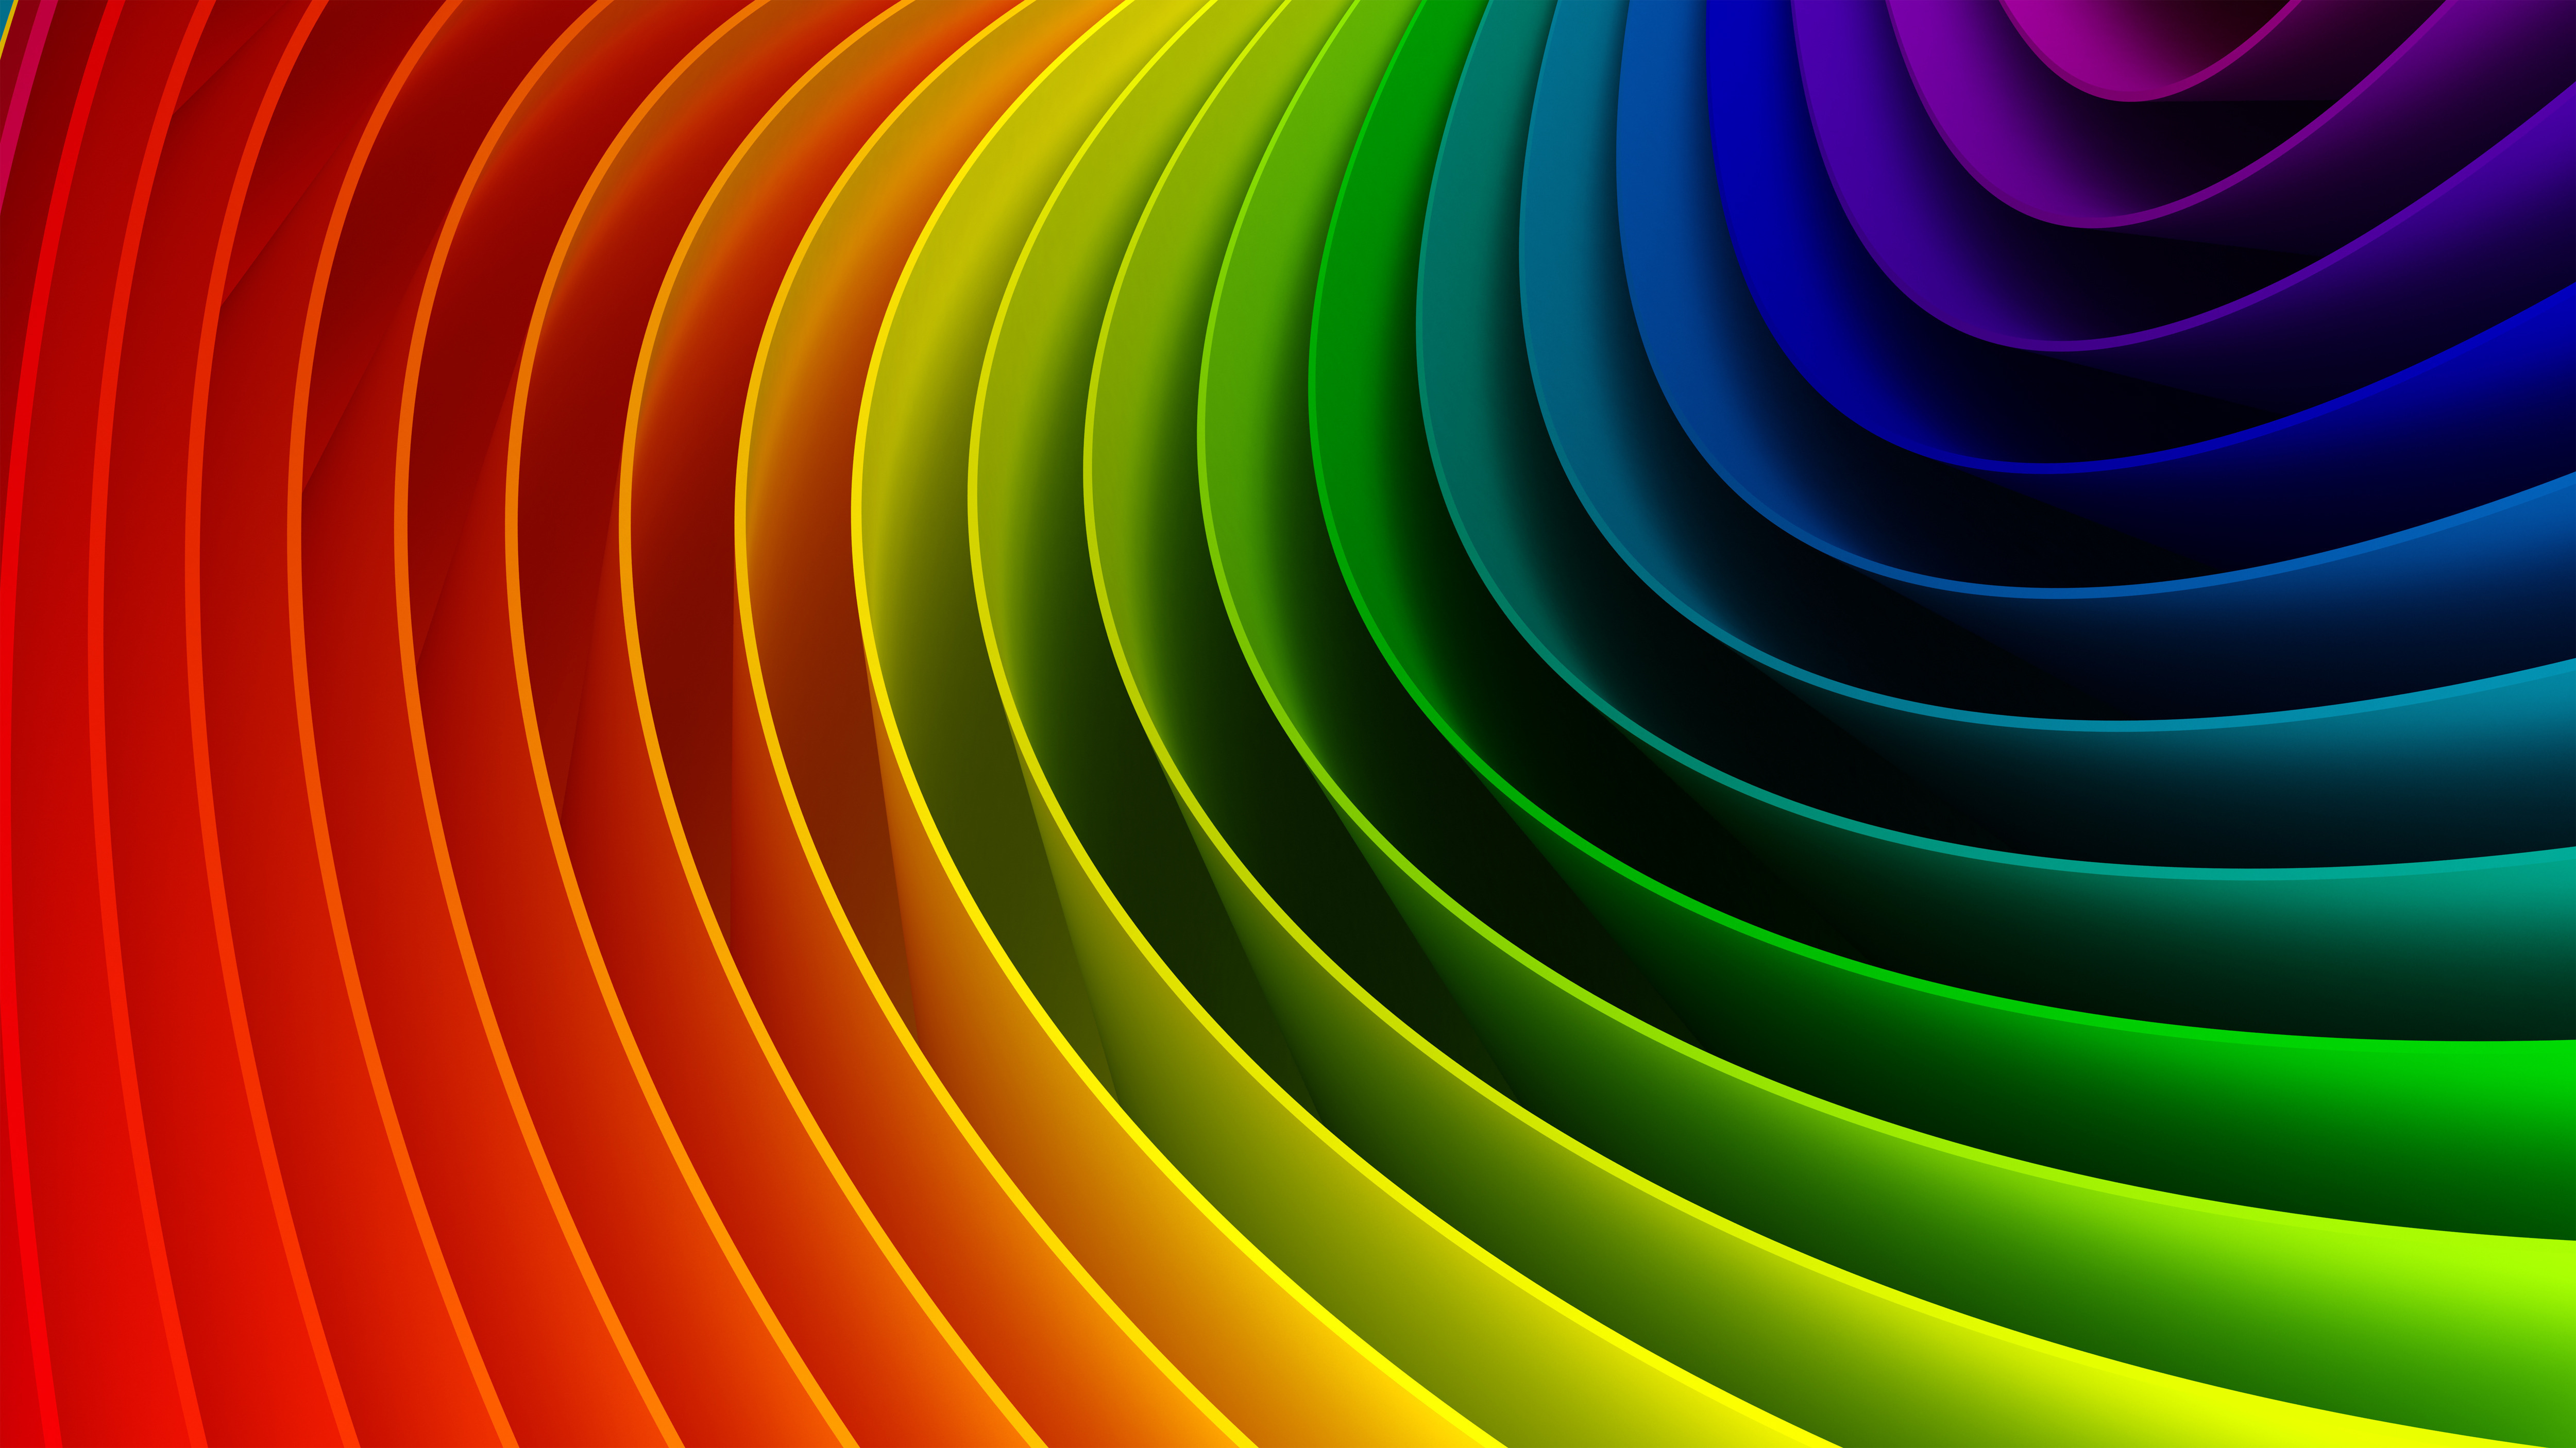 Il significato dei colori visione alchemica visione - Arcobaleno a colori e stampa ...